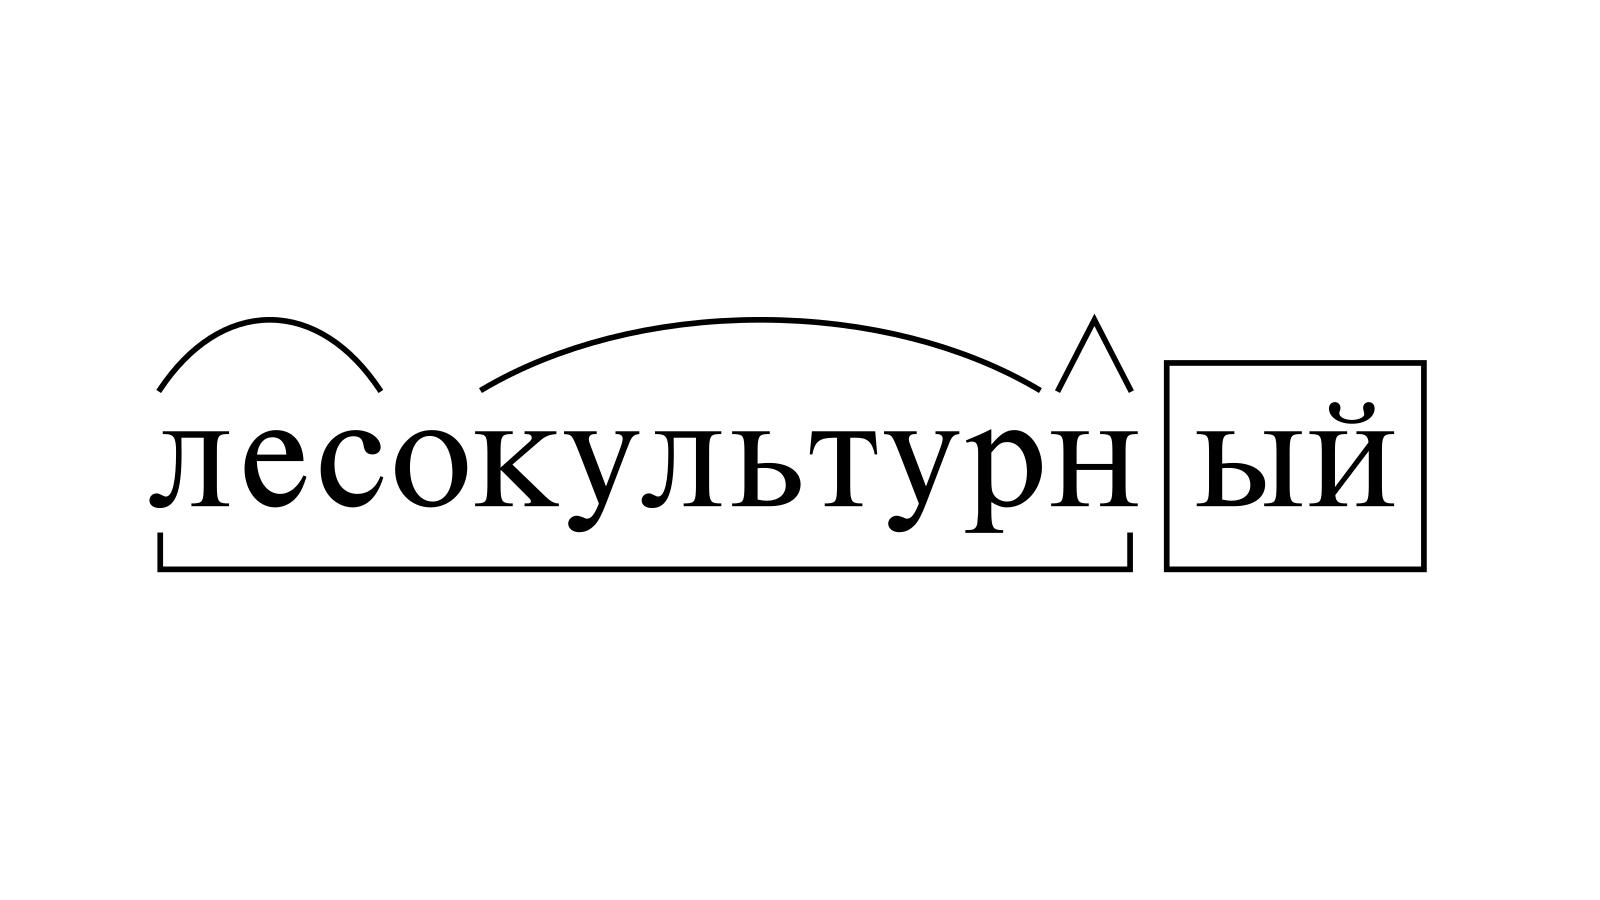 Разбор слова «лесокультурный» по составу